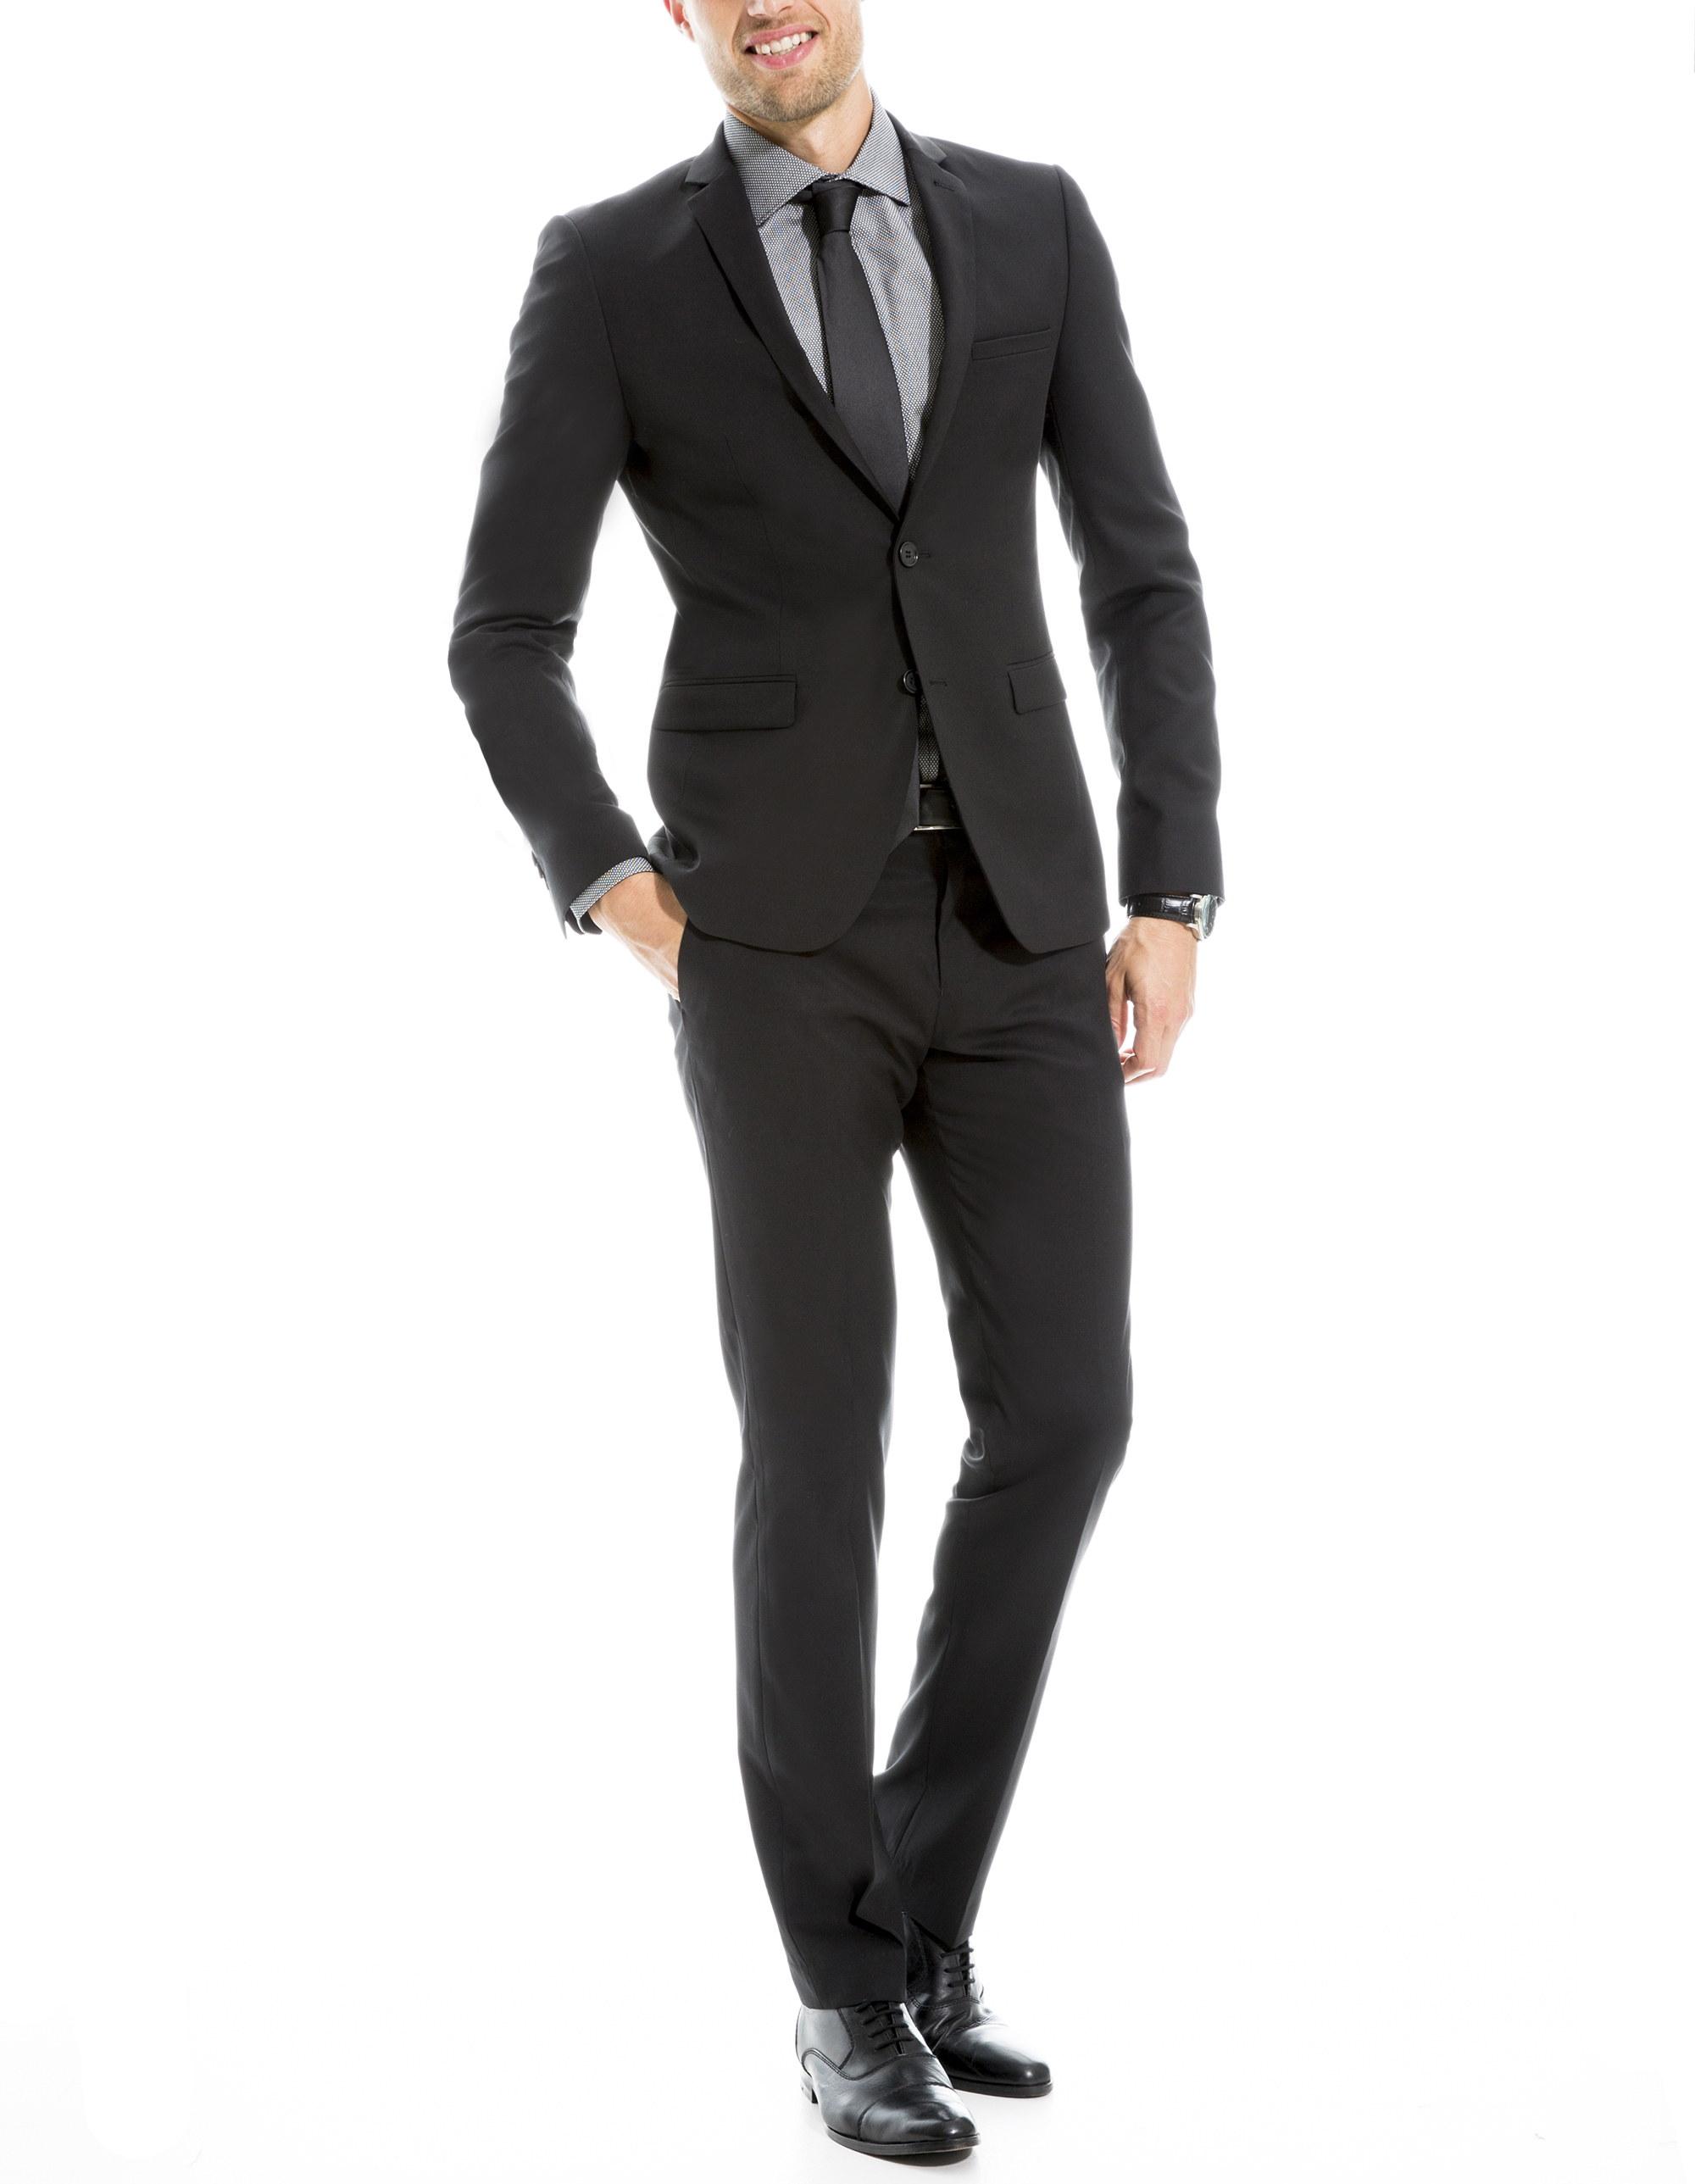 Costume noir, en toute circonstance\u2026